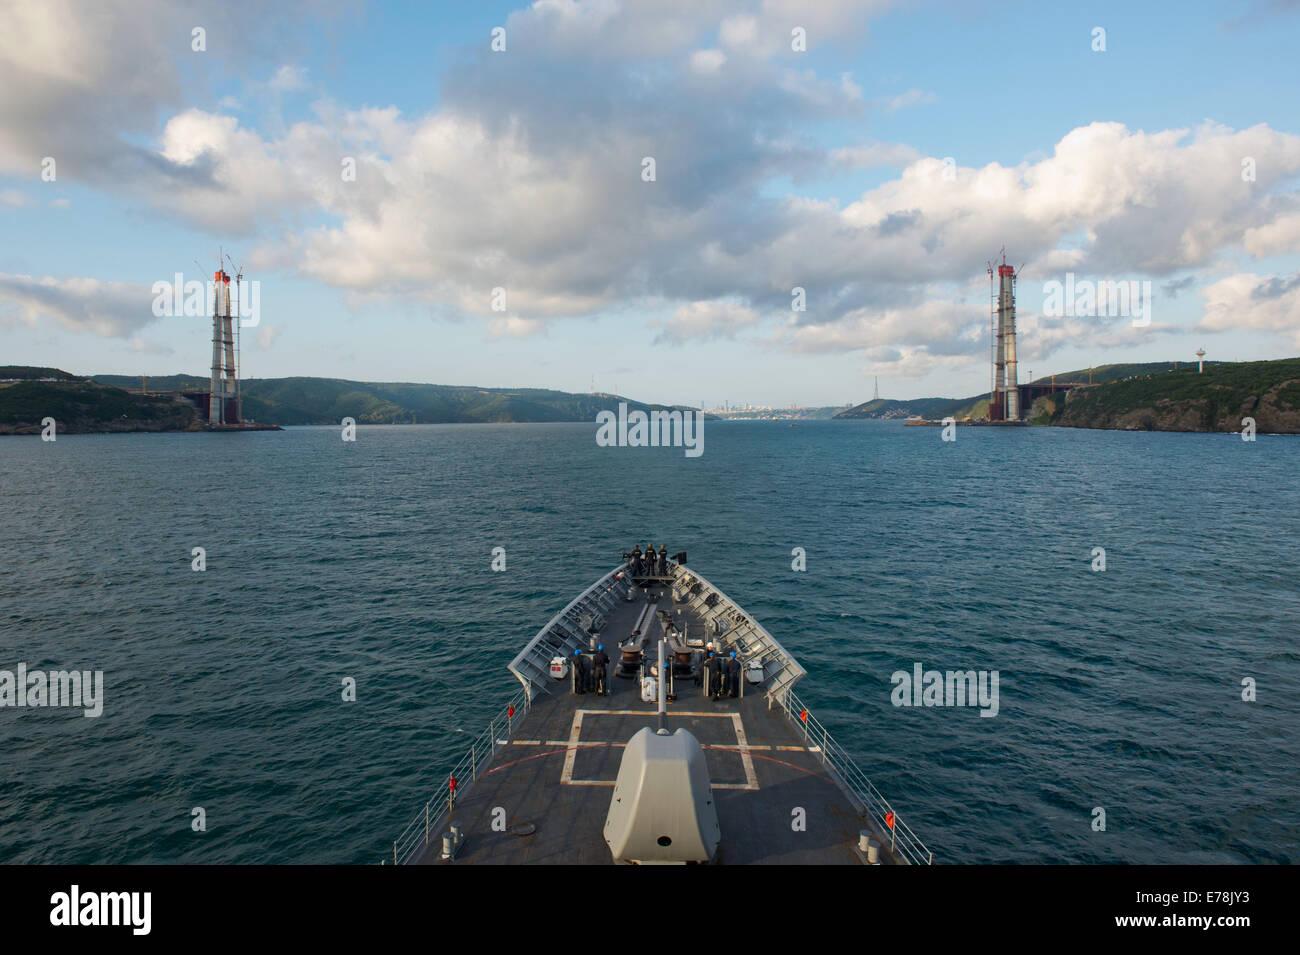 Le croiseur lance-missiles USS Vella Gulf (CG 72) part de la mer Noire et entre dans le détroit du Bosphore le 26 août 2014. Le Vella Gulf a effectué les opérations de sécurité maritime et sécurité théâtre missions de la mer Noire dans le cadre de l'engagement des États-Unis t Banque D'Images